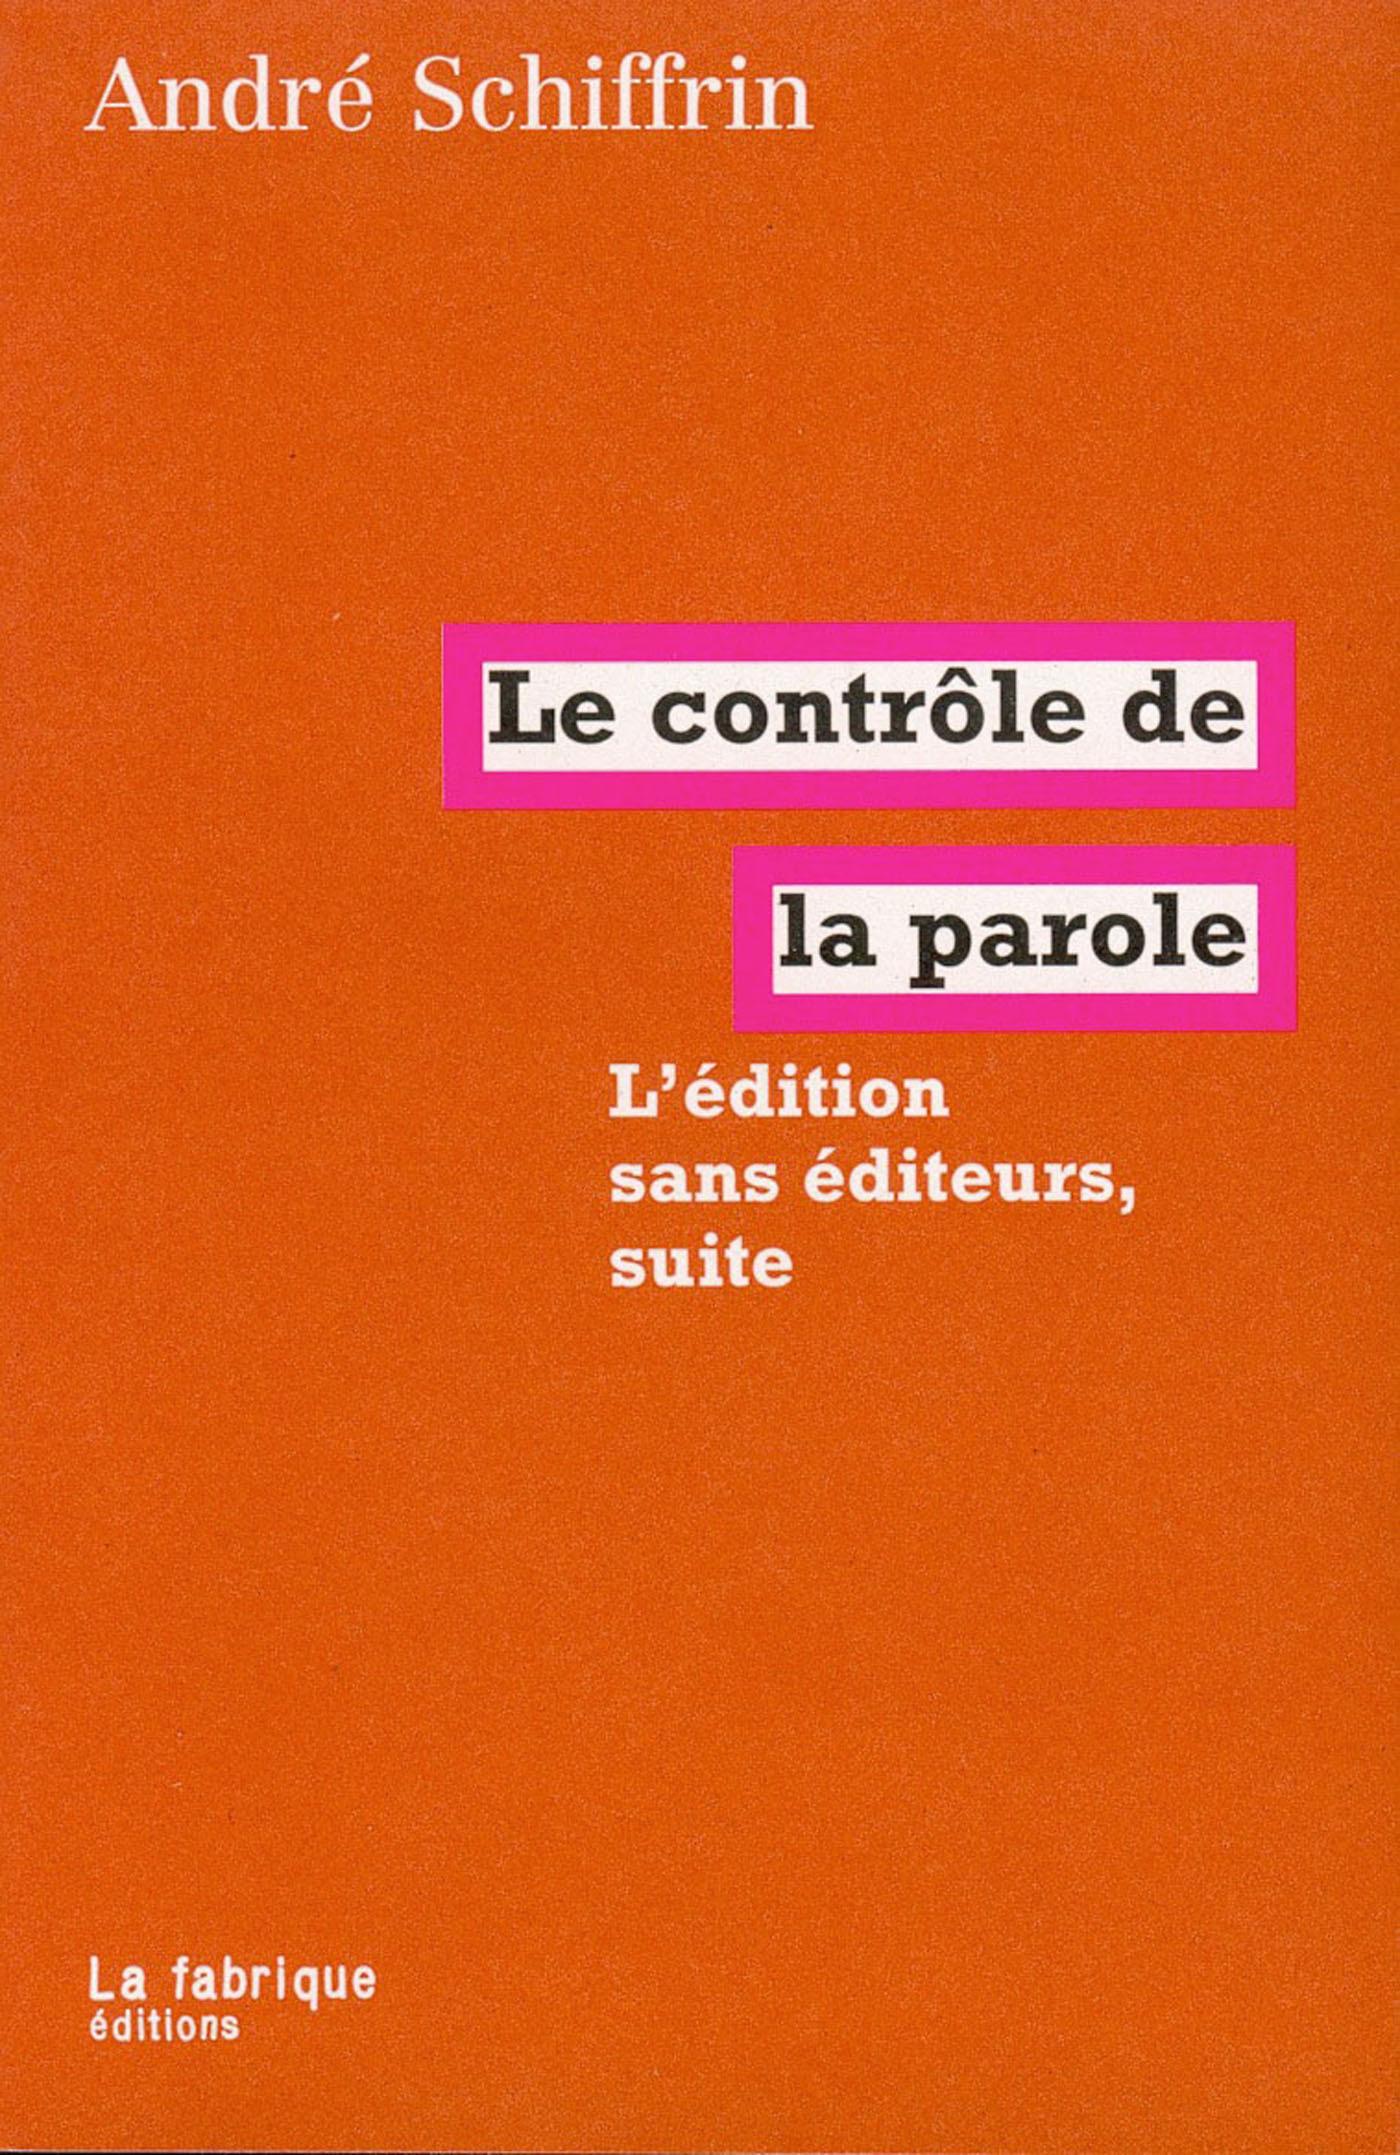 L'édition sans editeurs, suite ; le contrôle de la parole